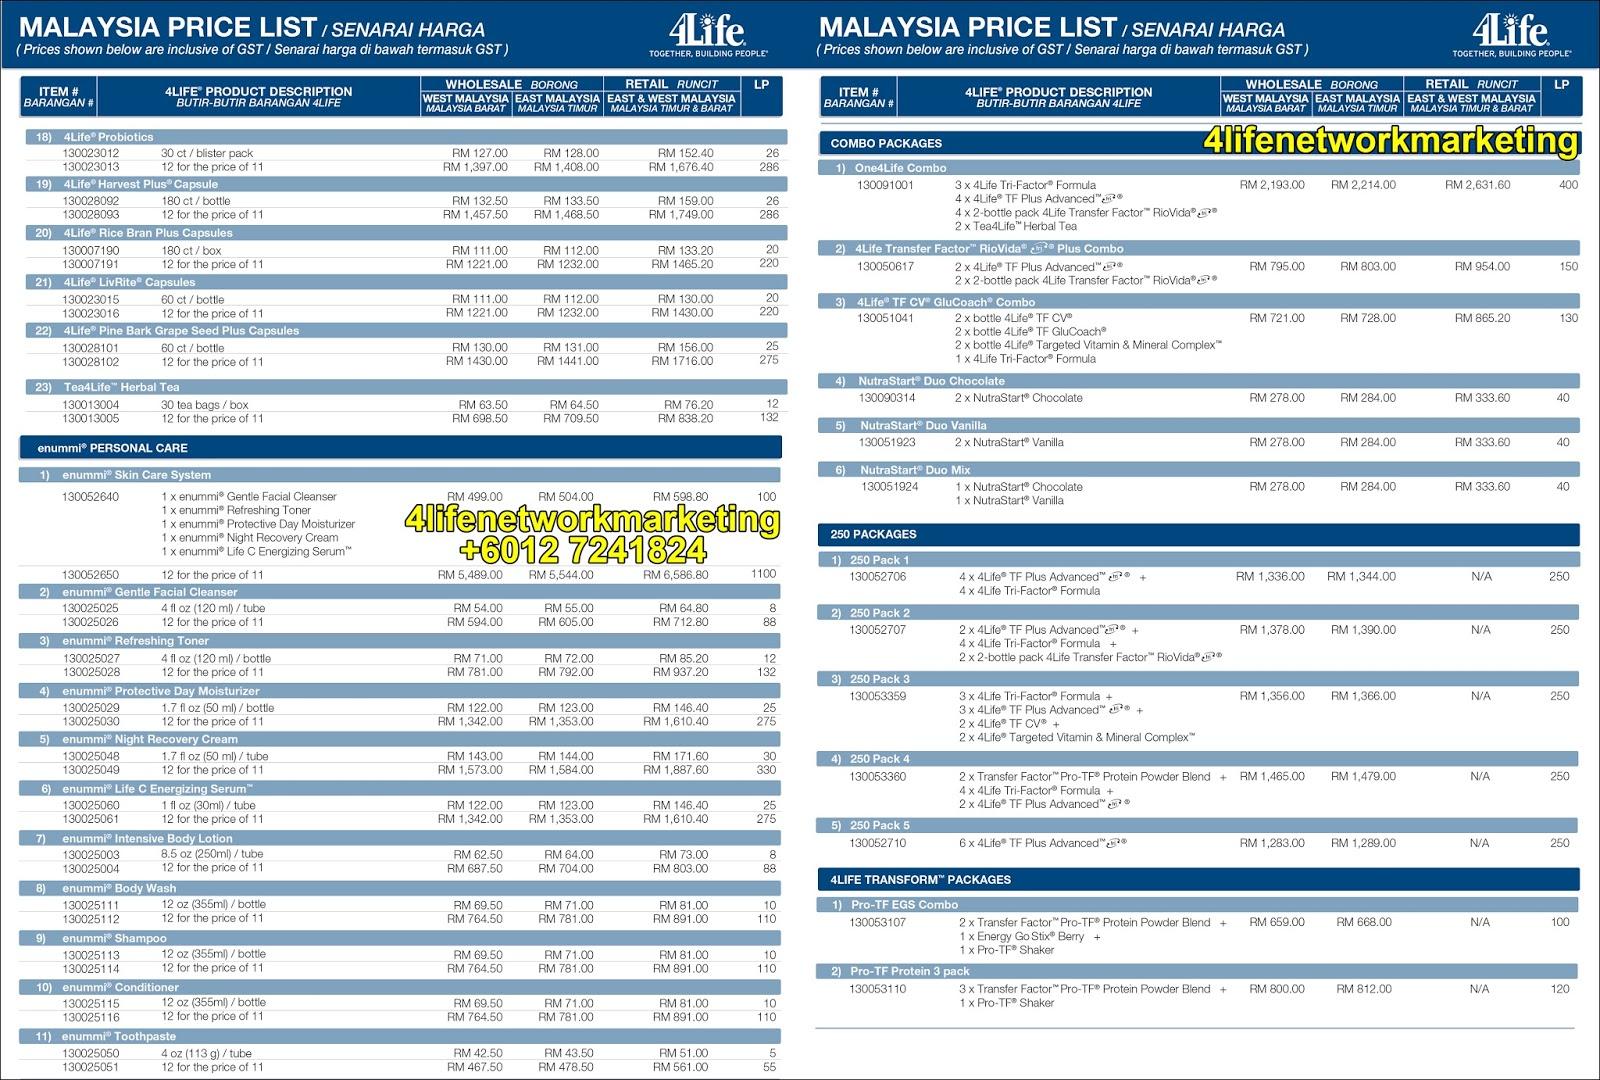 gambar Senarai Harga 4Life Malaysia (Termasuk GST) (2)